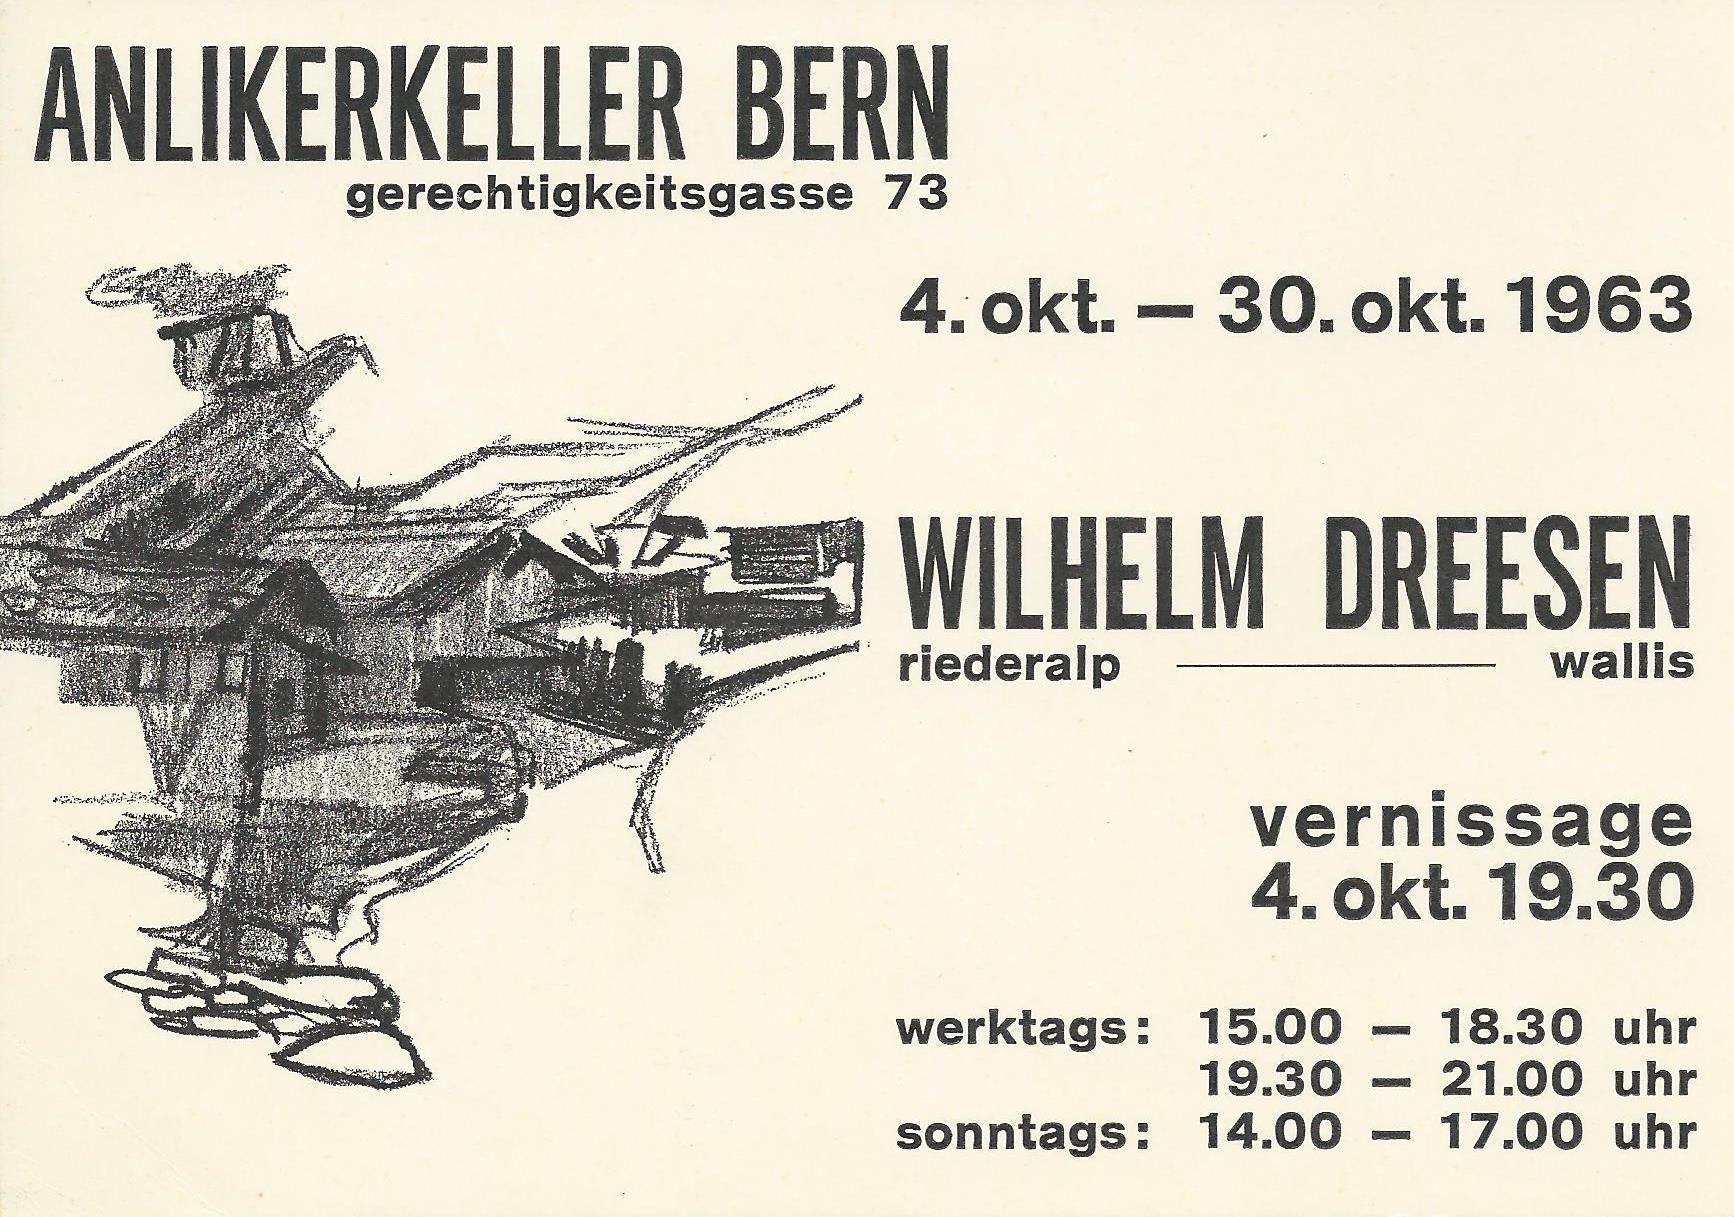 Anlikerkeller Bern 1963